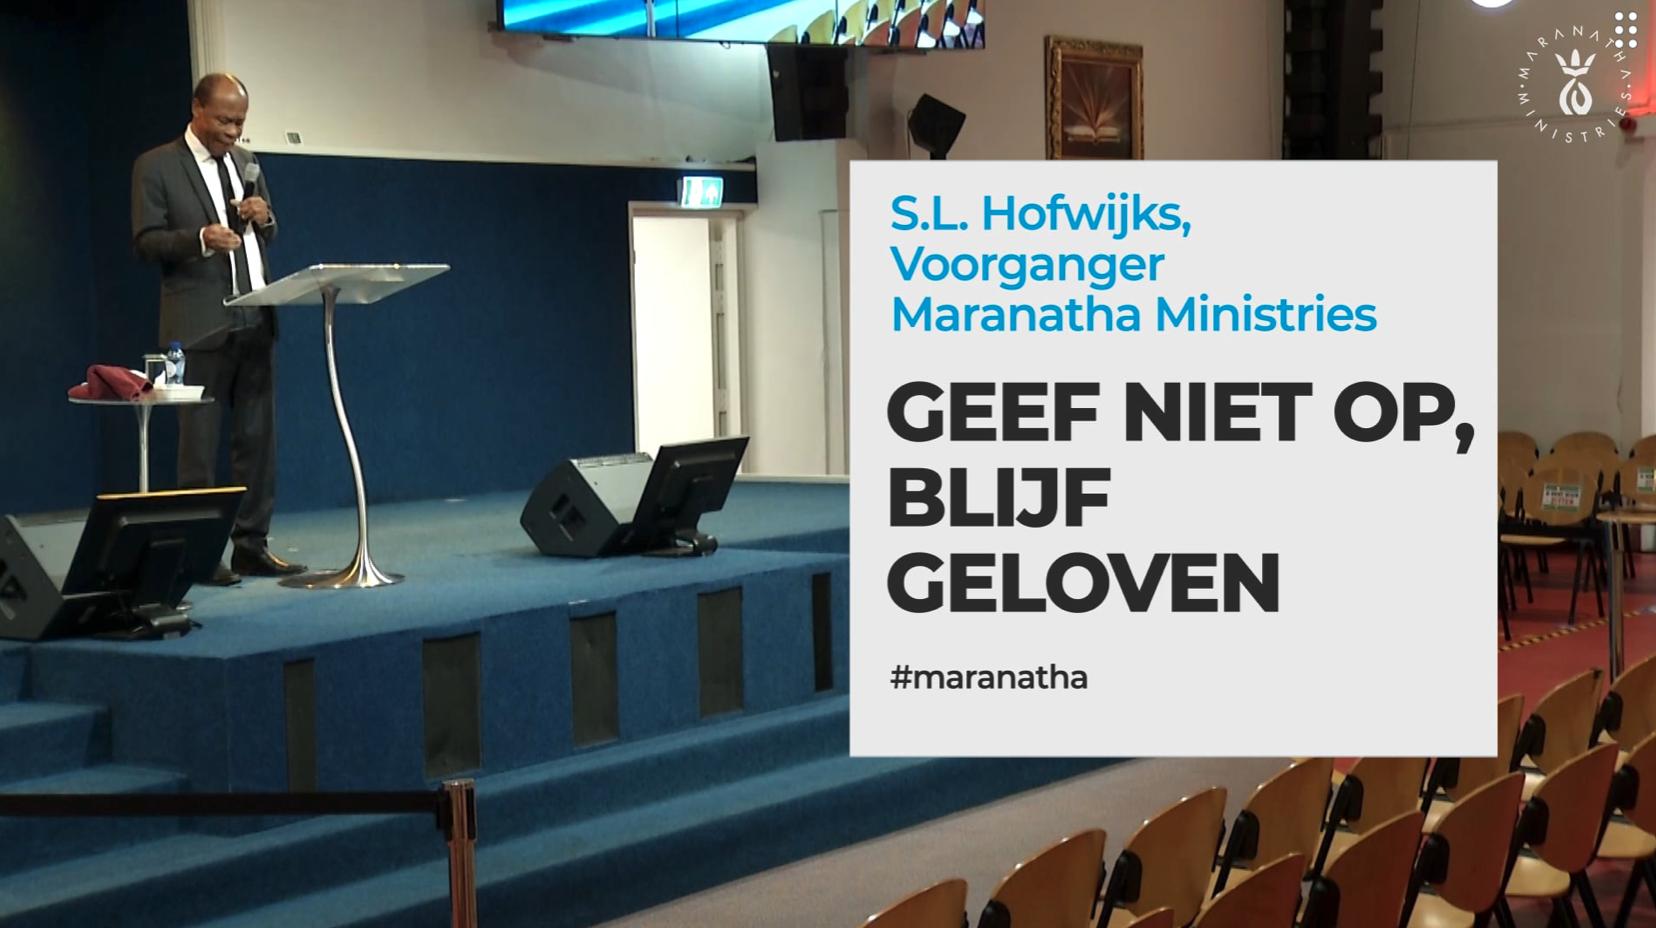 Nieuwe preek: Geef niet op, blijf geloven